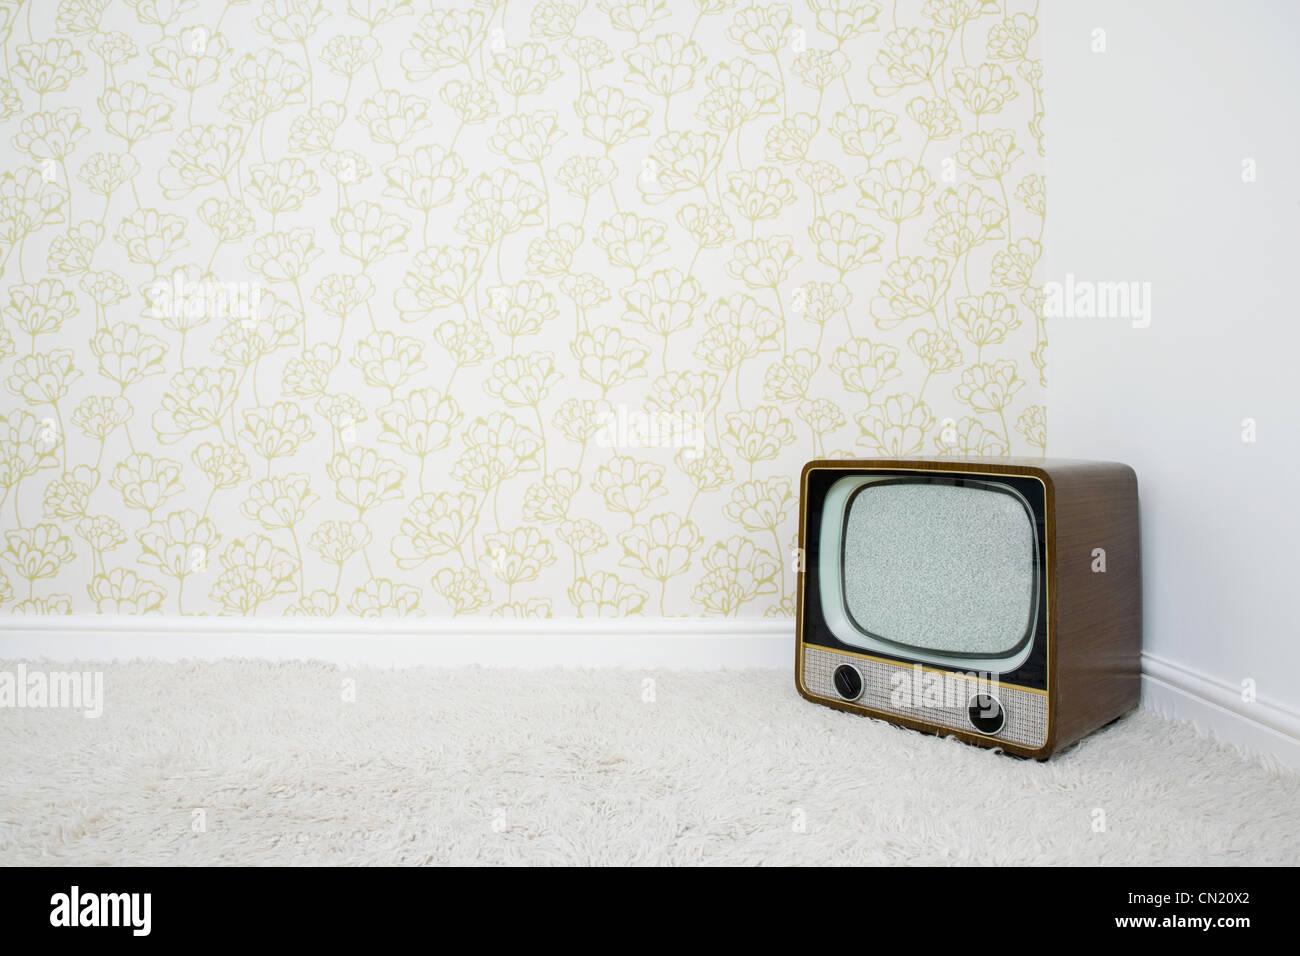 Retro-Fernseher in der Ecke des Raumes mit gemusterten Tapeten Stockbild